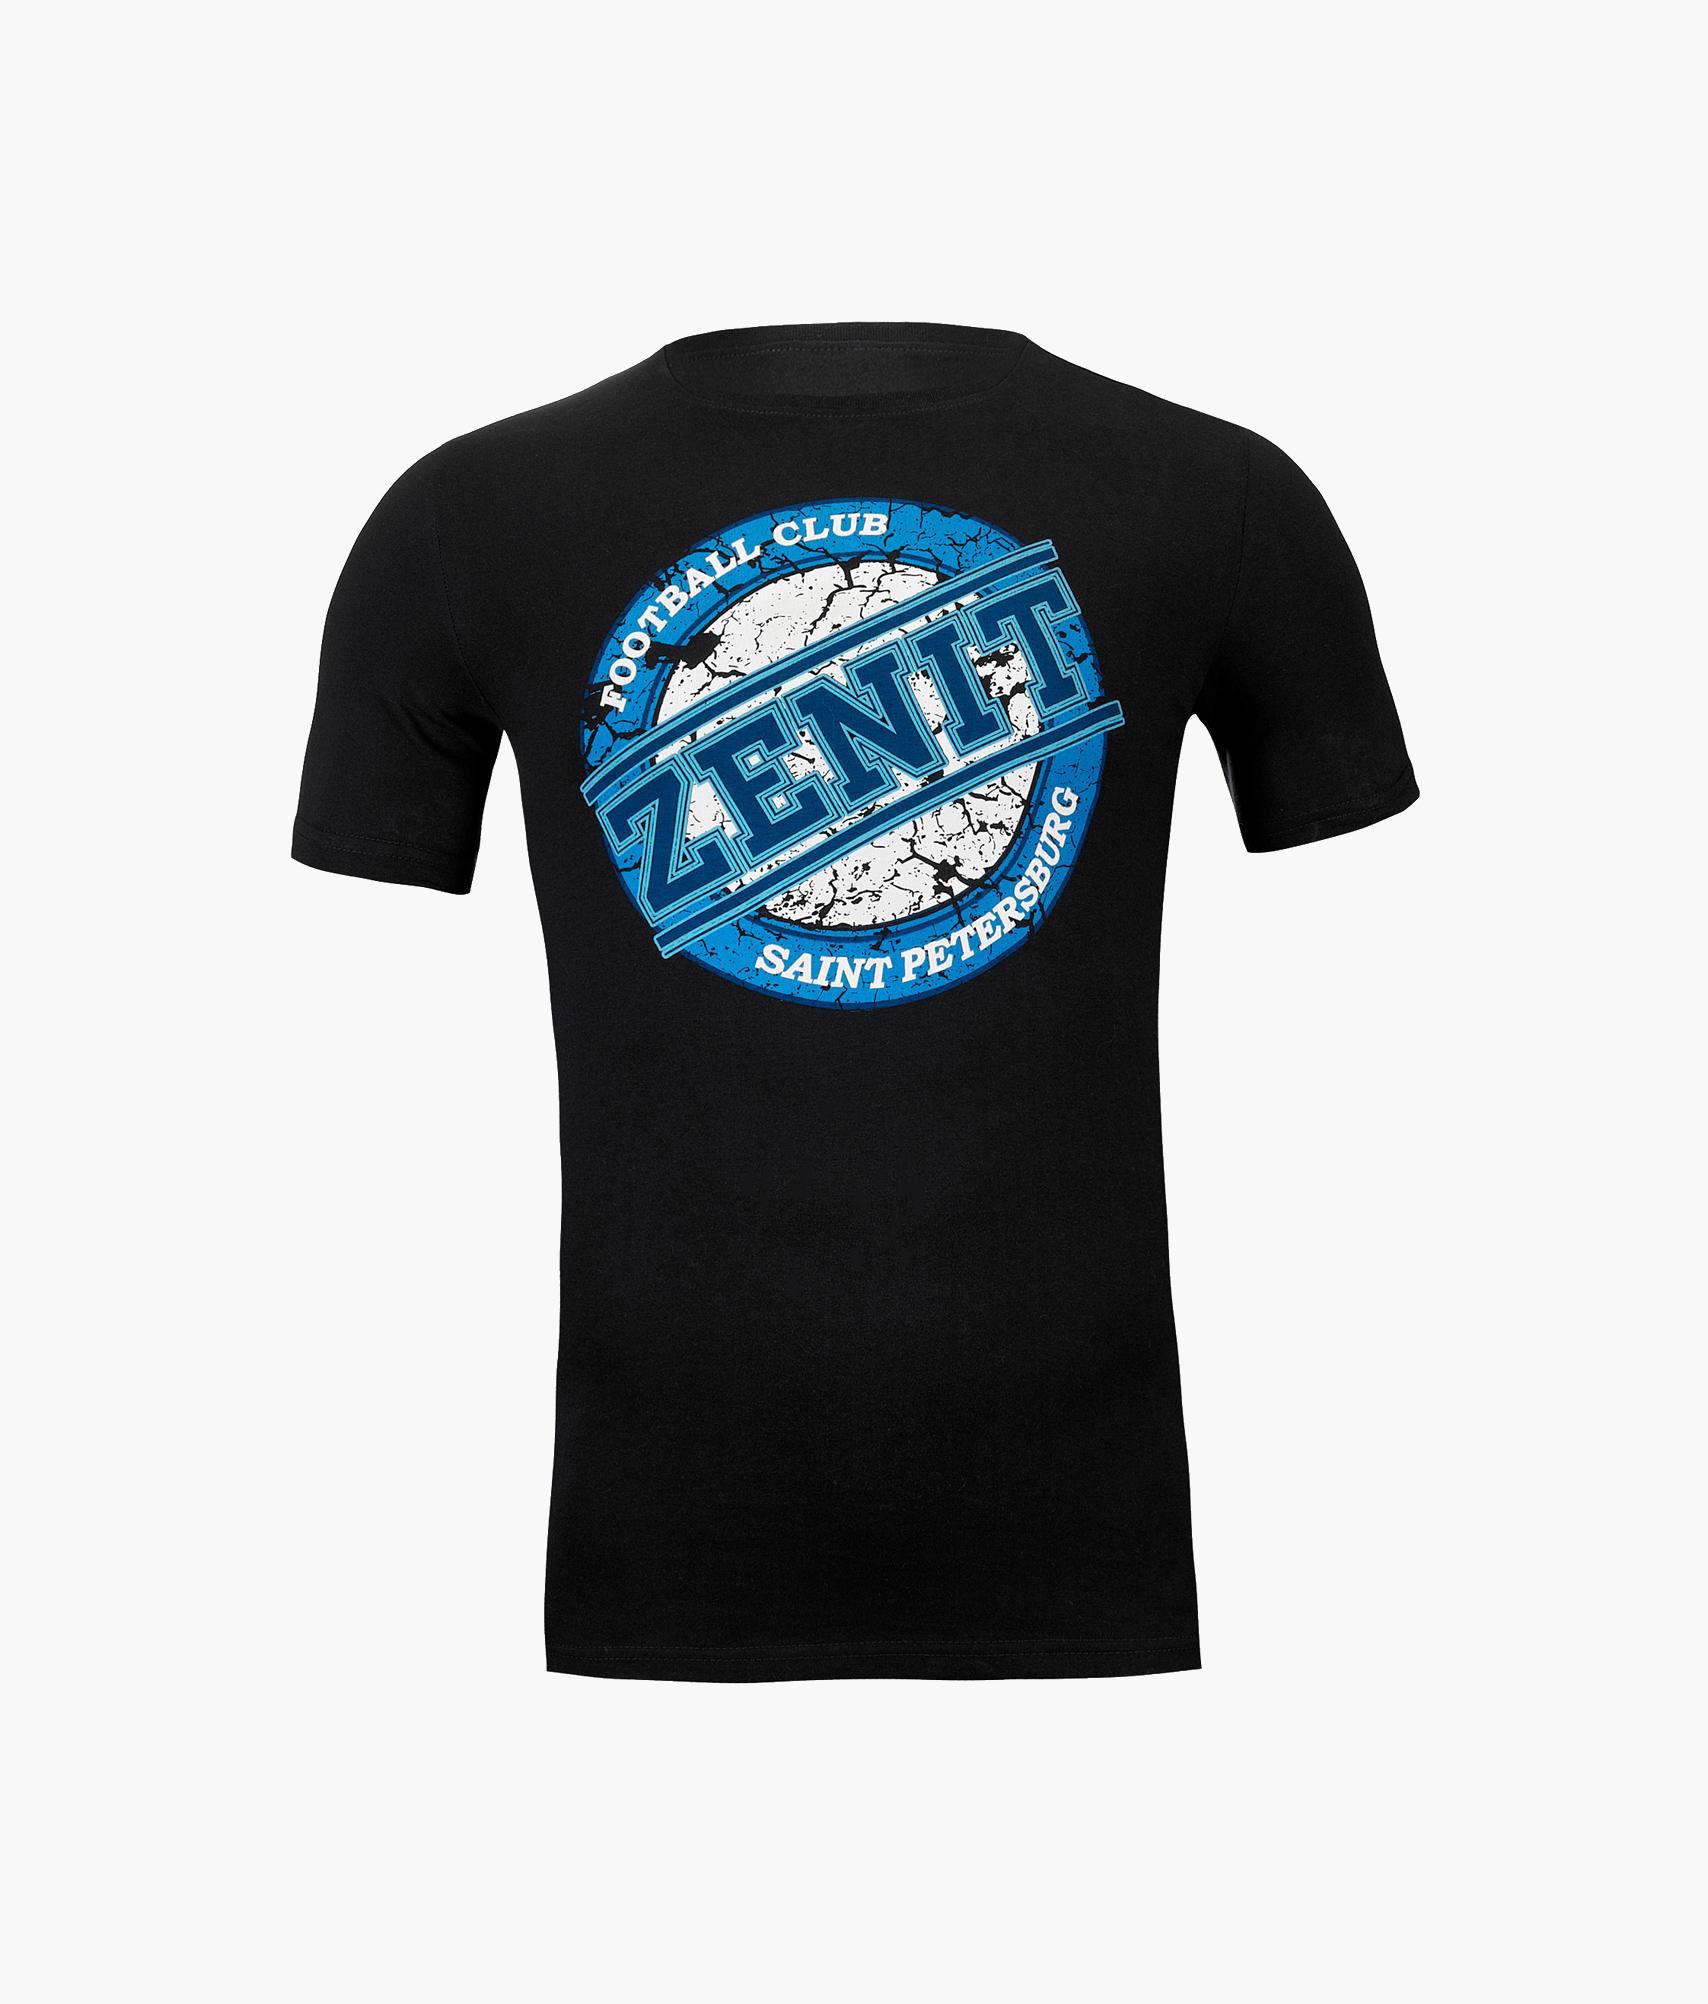 Футболка мужская Zenit Зенит Цвет-Темно-Синий футболка мужская columbia f цвет синий 1839971 403 размер xxl 56 58